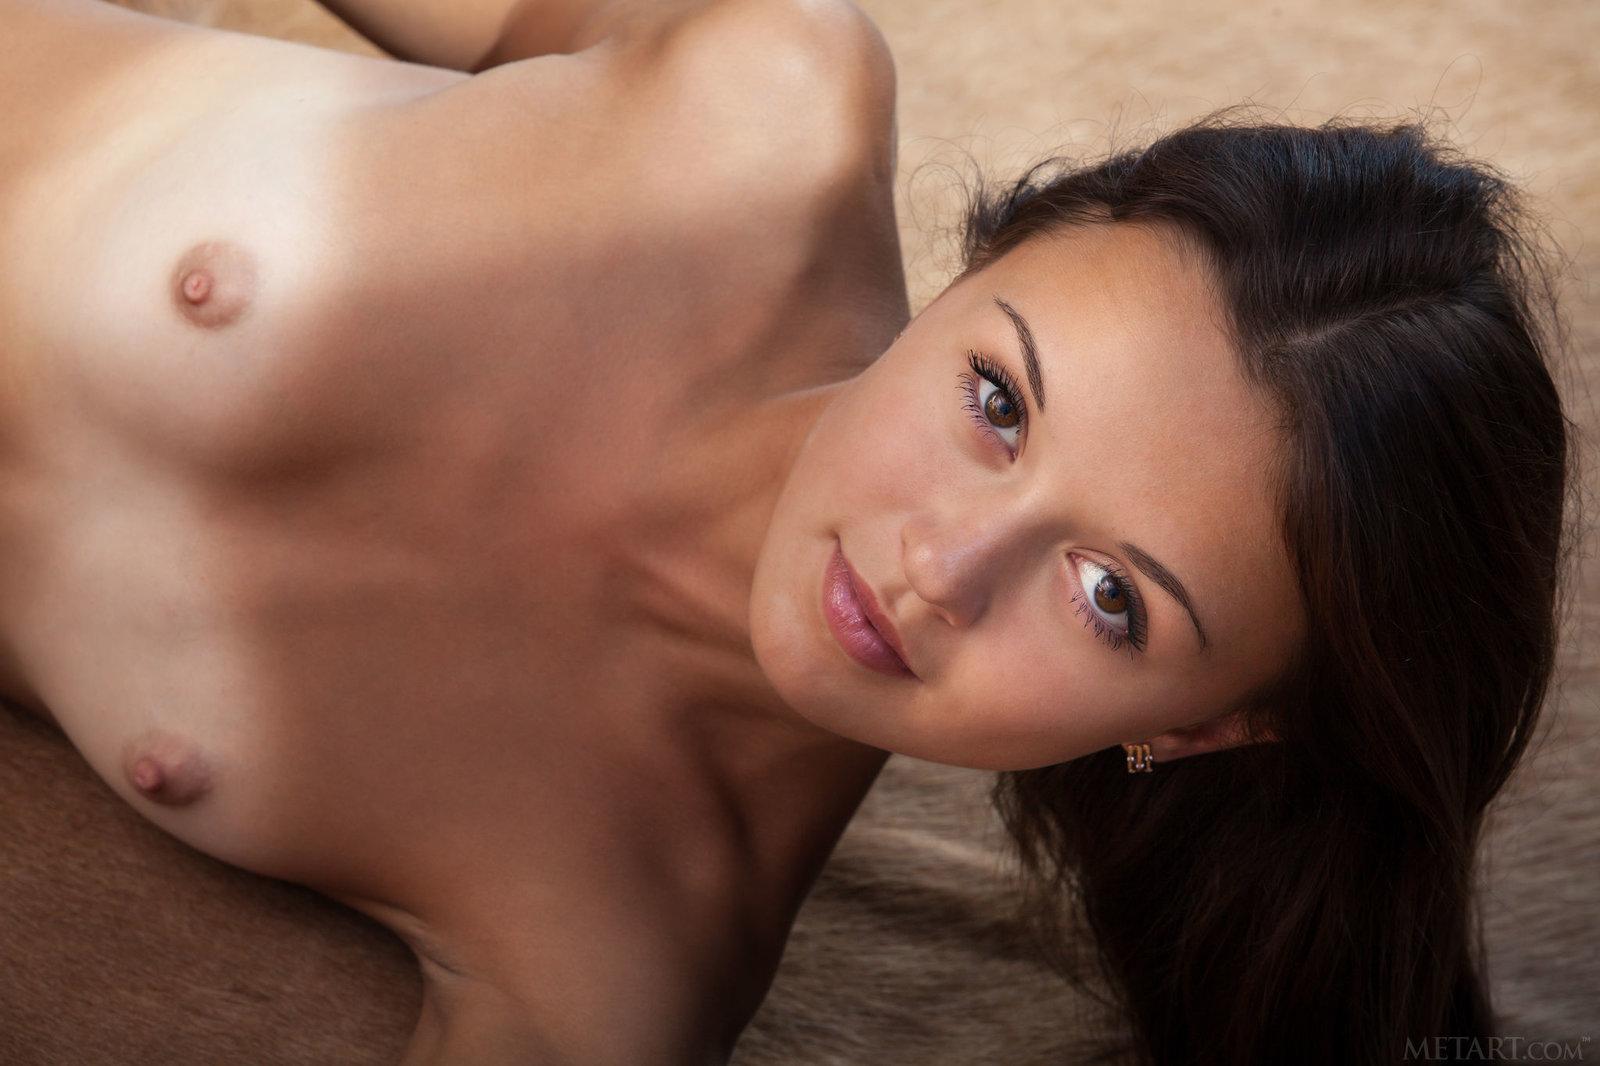 Zdjęcie porno - 056 - Naga wypina małą dupkę